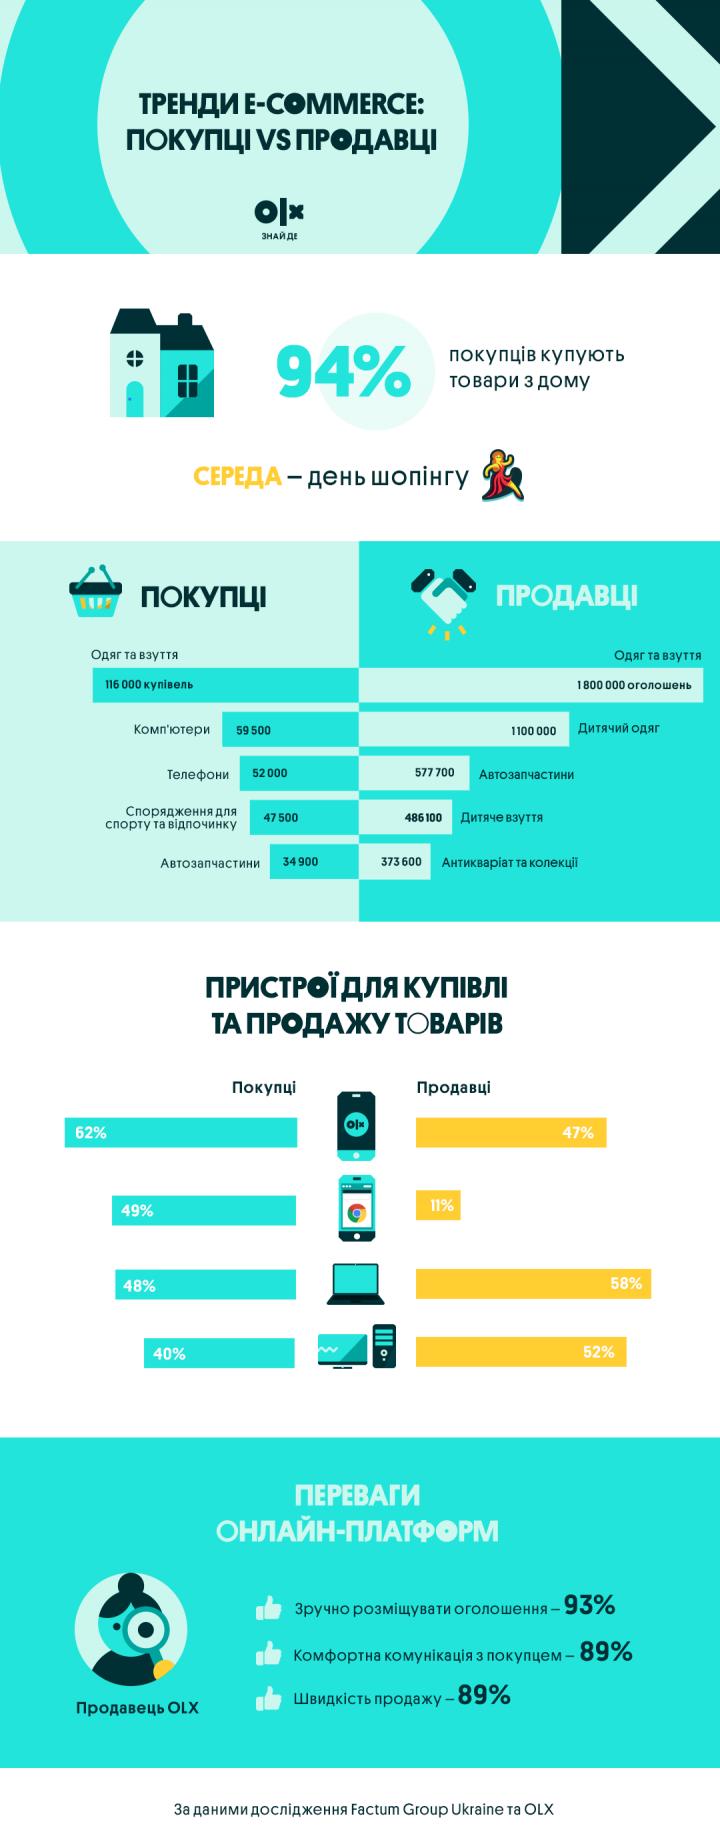 Тренды е-commerce: 17% покупателей заказывают товары в транспорте (инфографика)